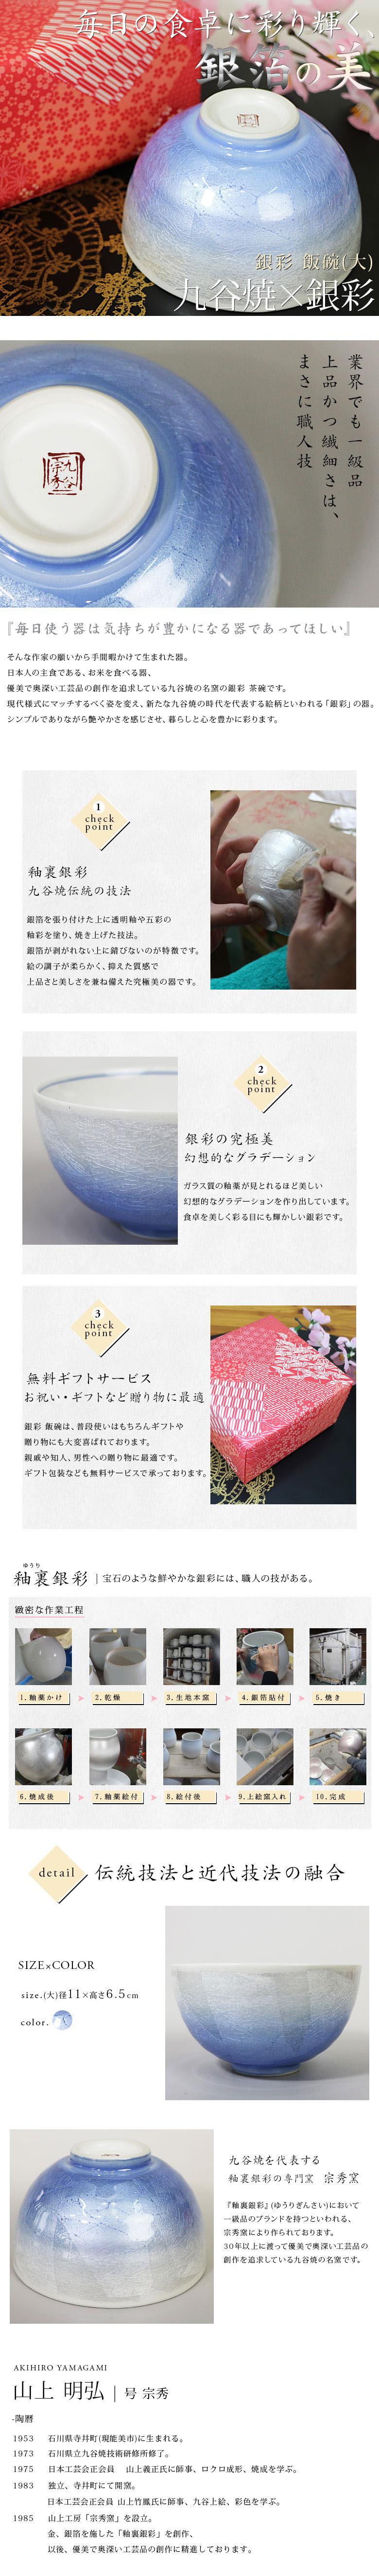 【九谷焼】茶碗(大) 銀彩/宗秀窯